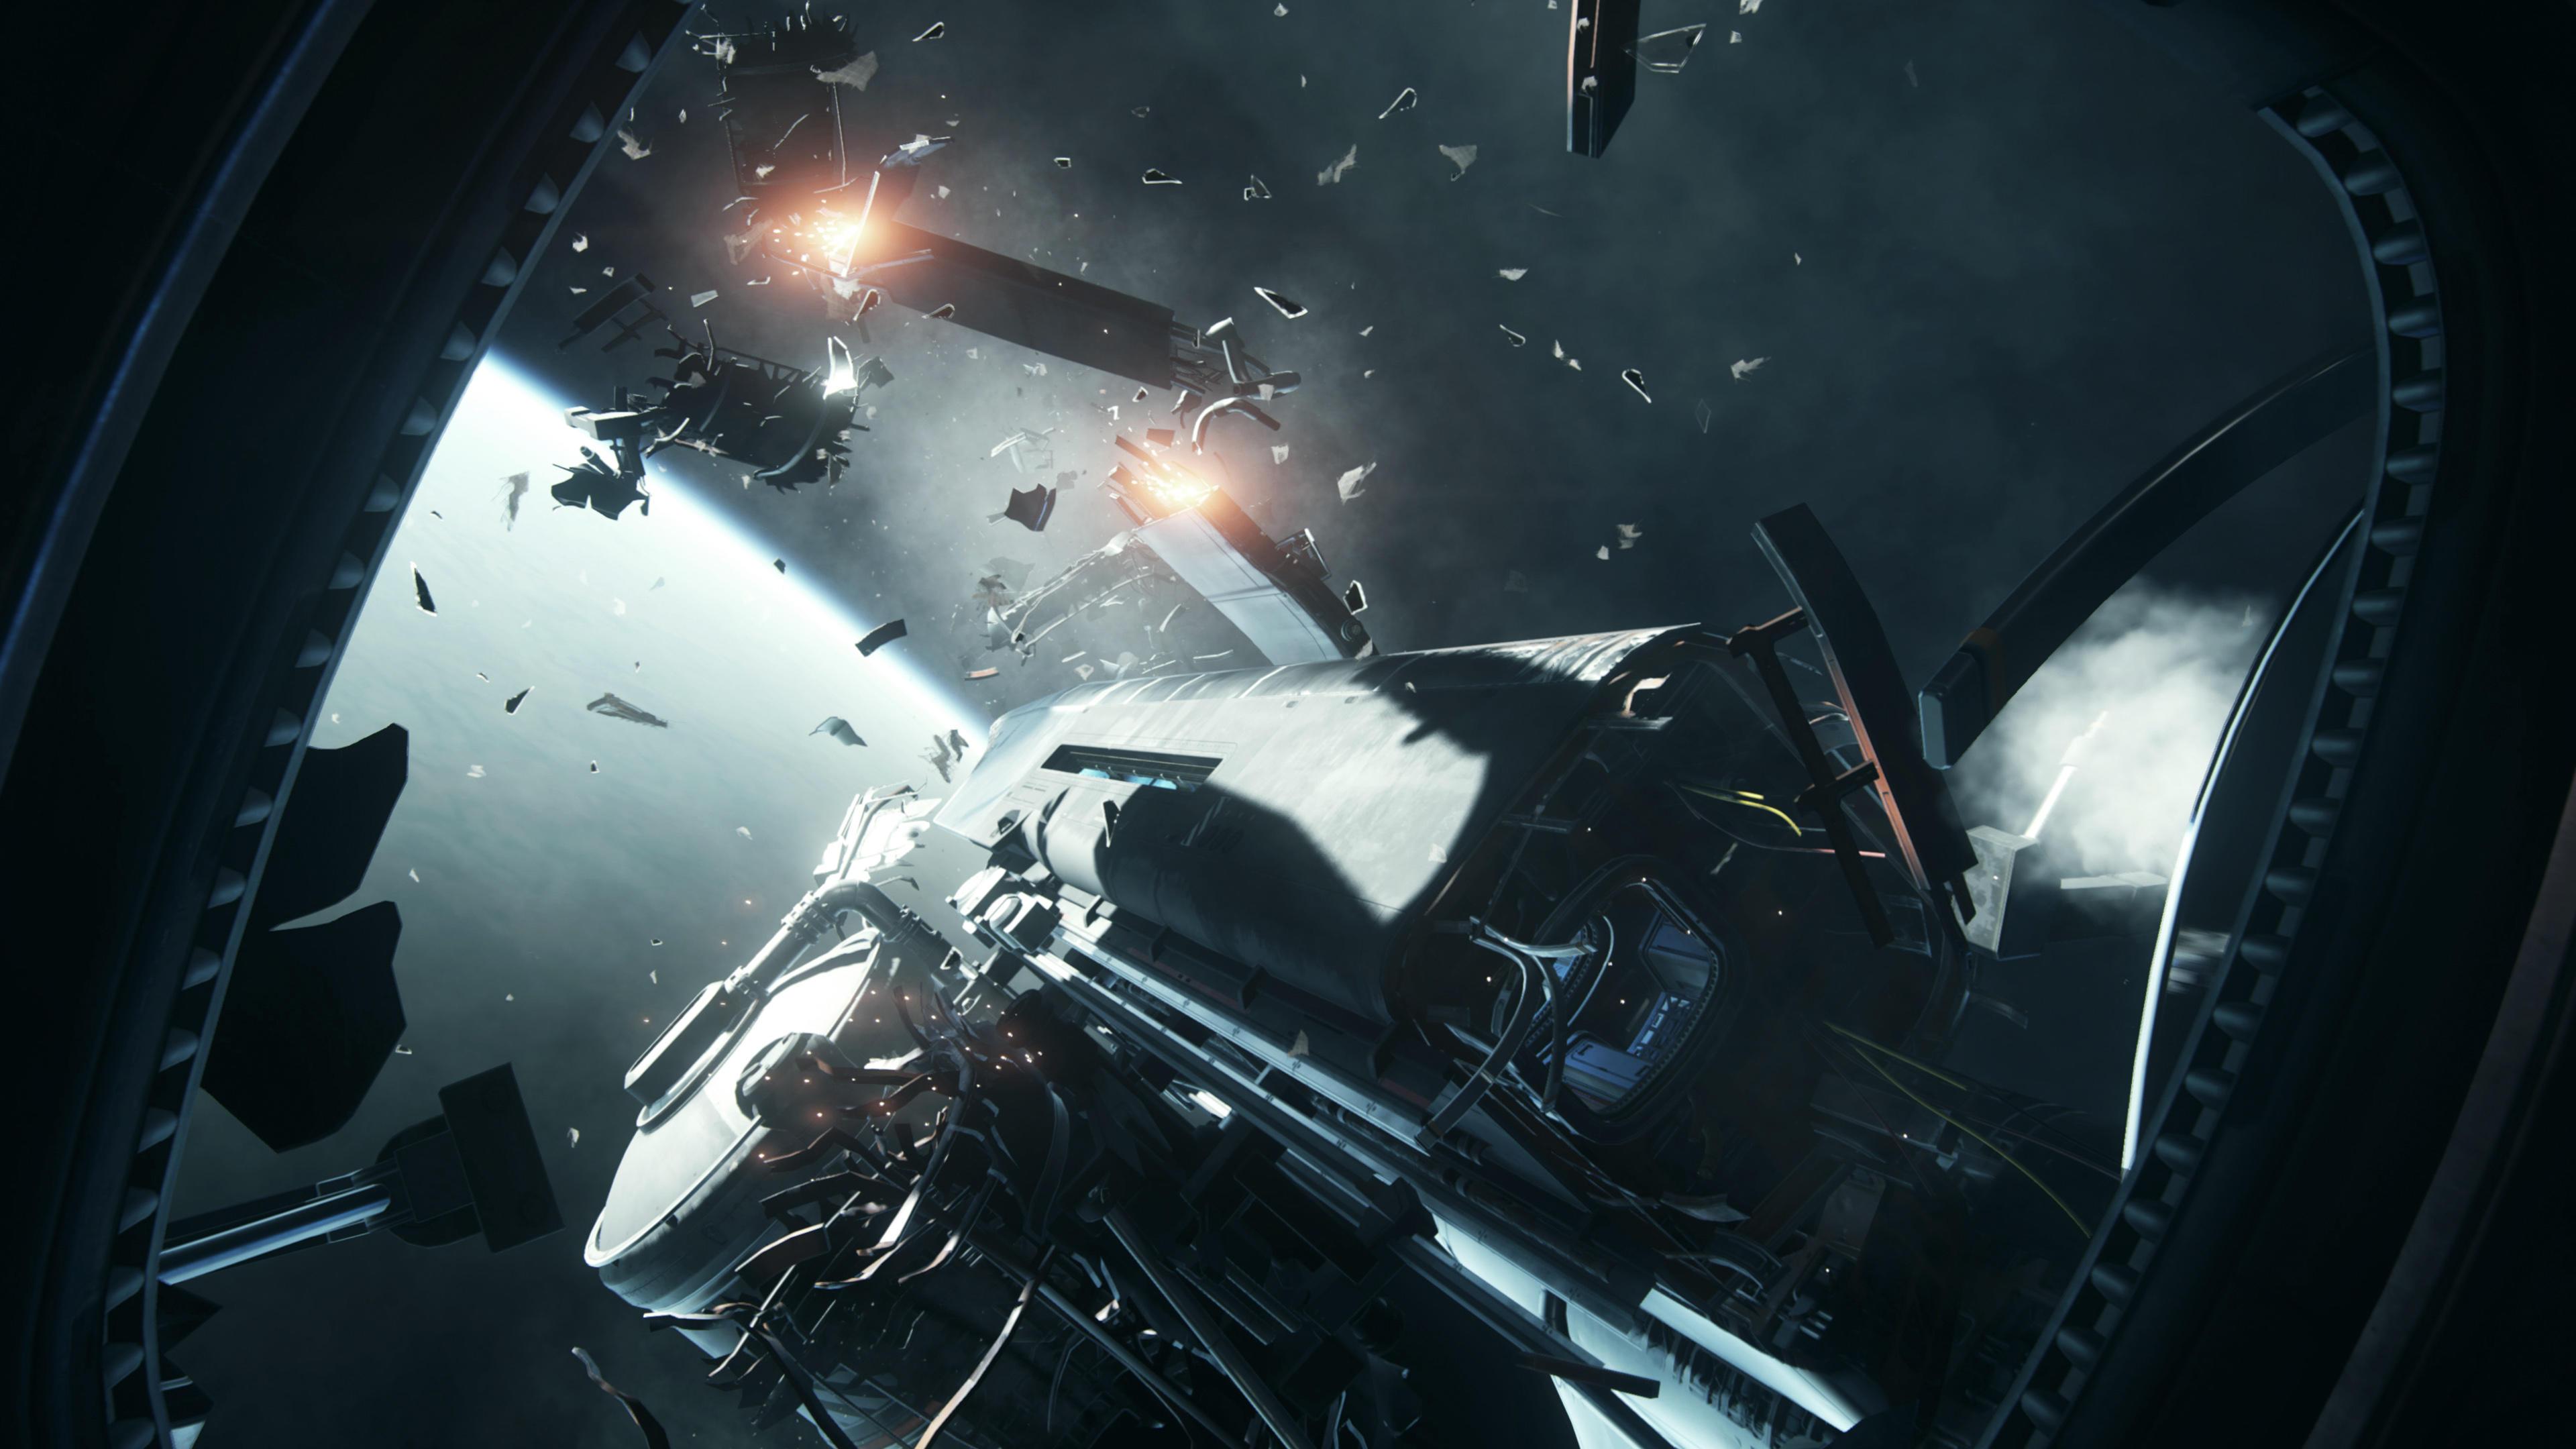 Misja odzyskania czarnej skrzynki z rozbitego Starfarera